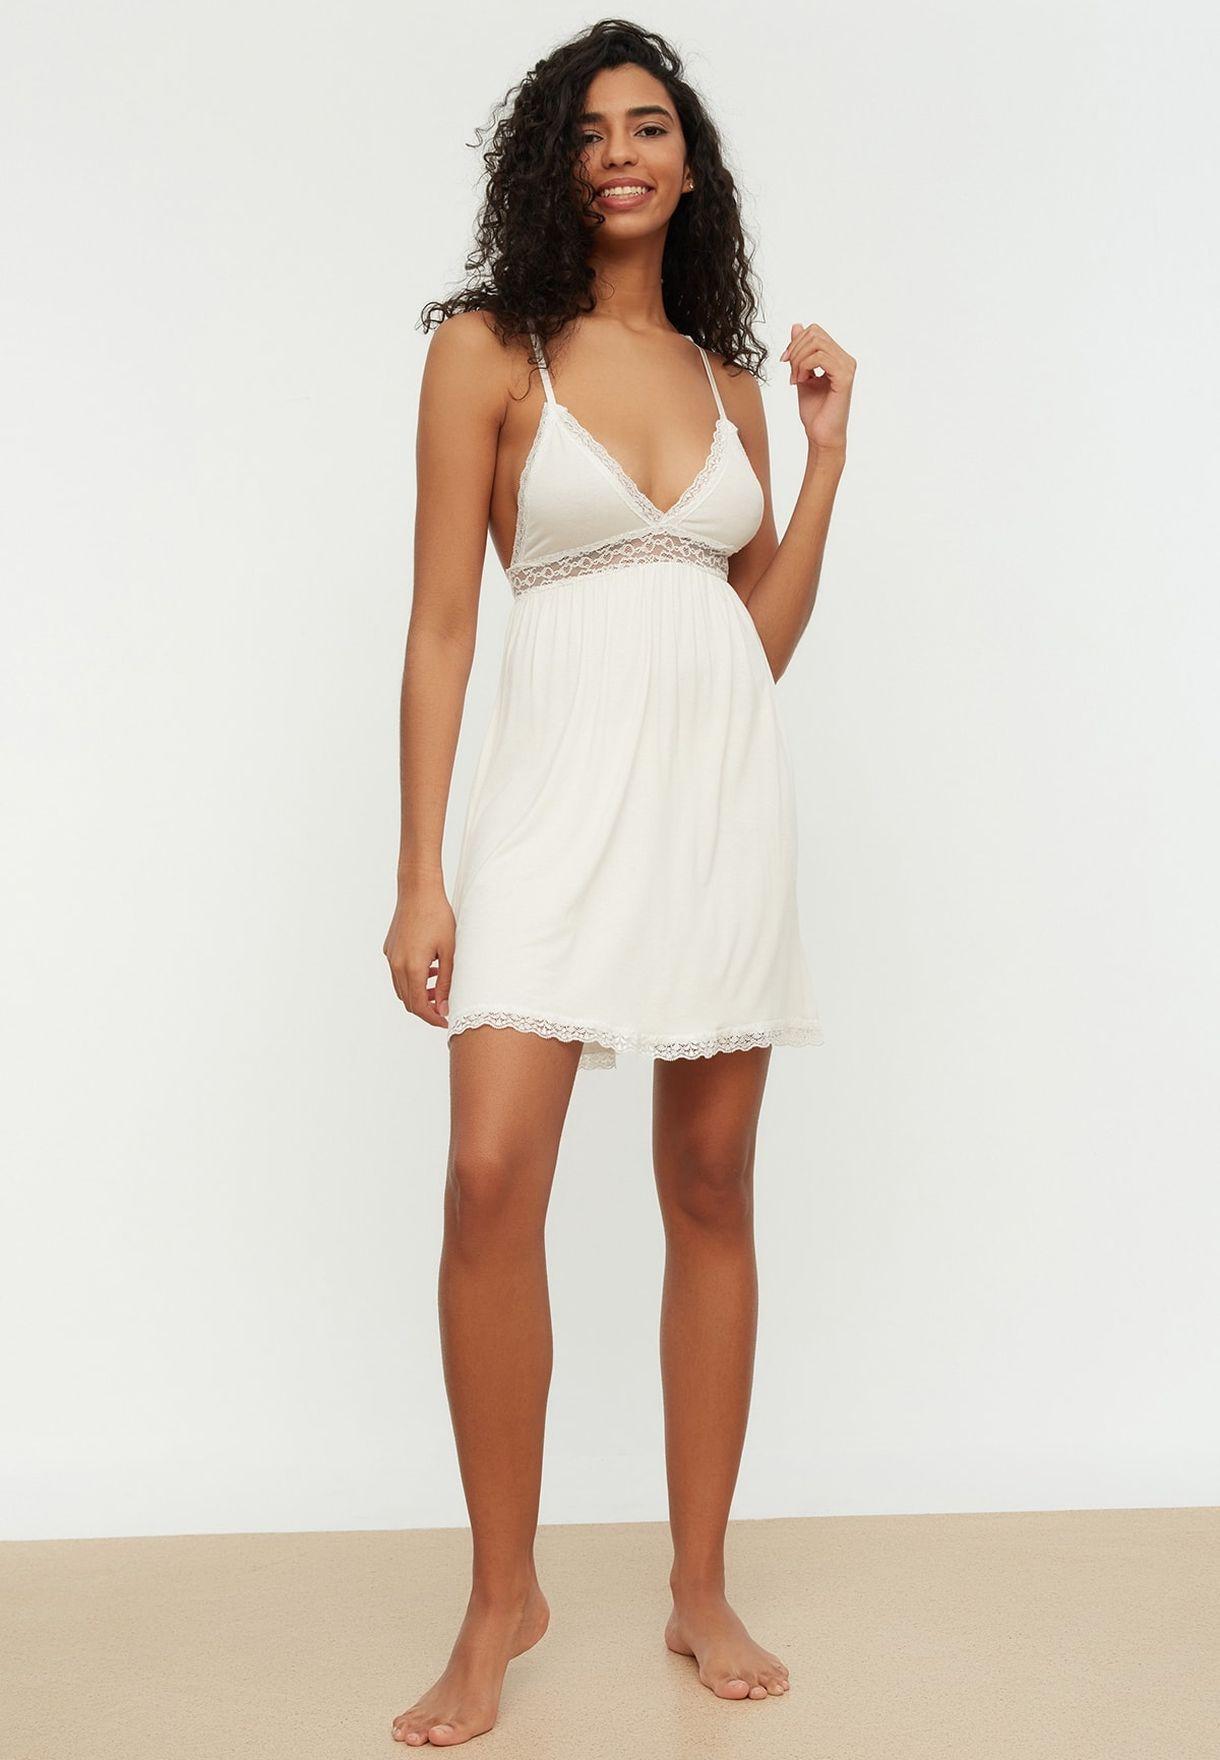 Lace Detail Nightdress